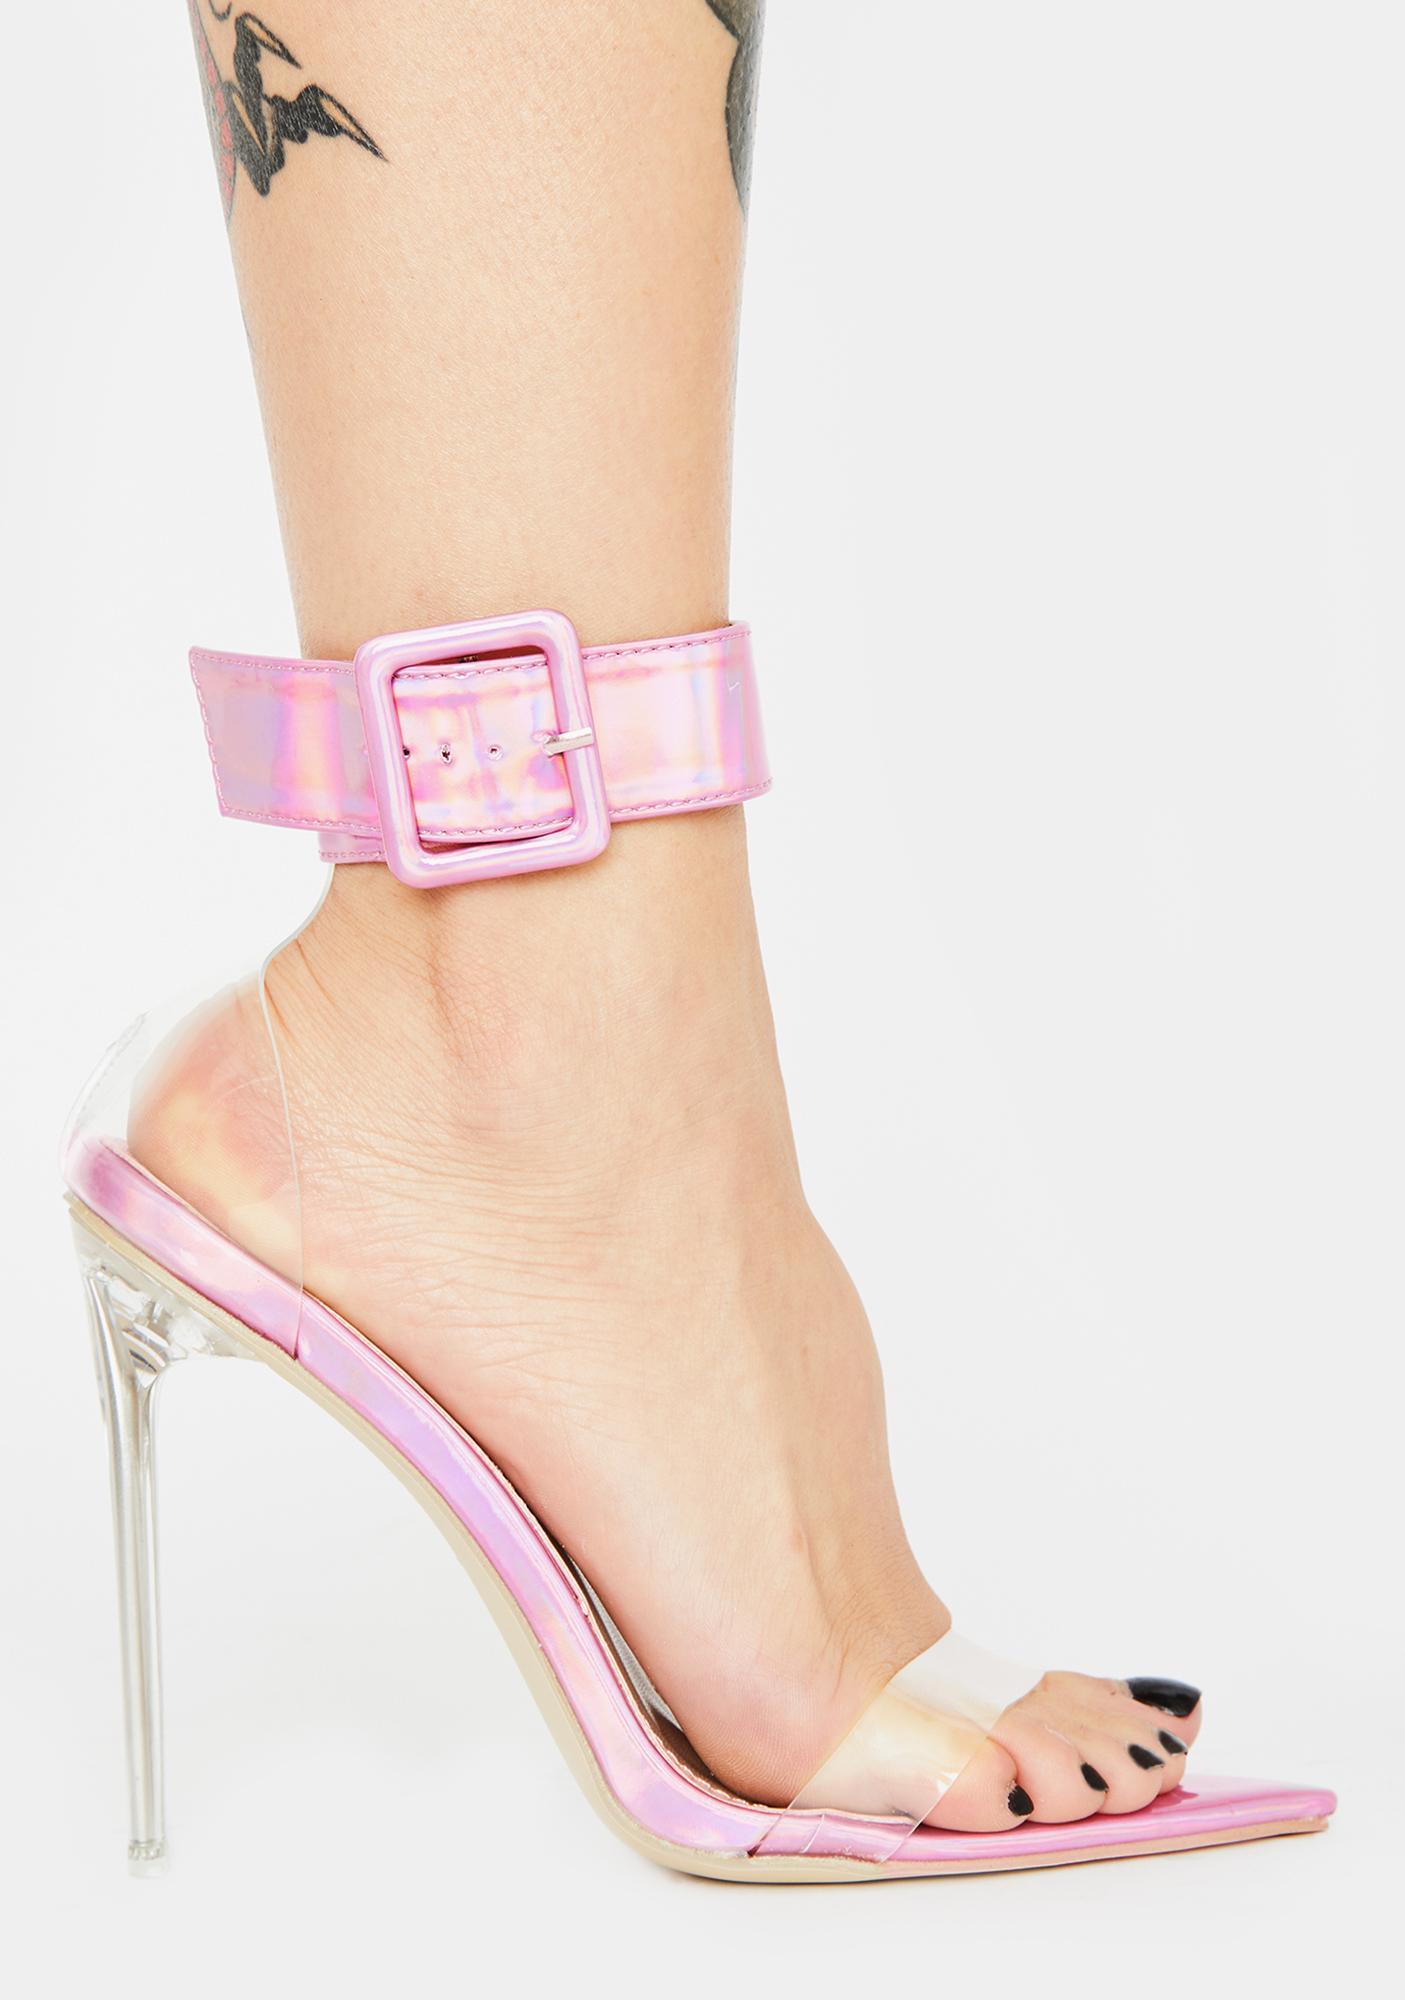 Candyshop Vixen Stiletto Heels